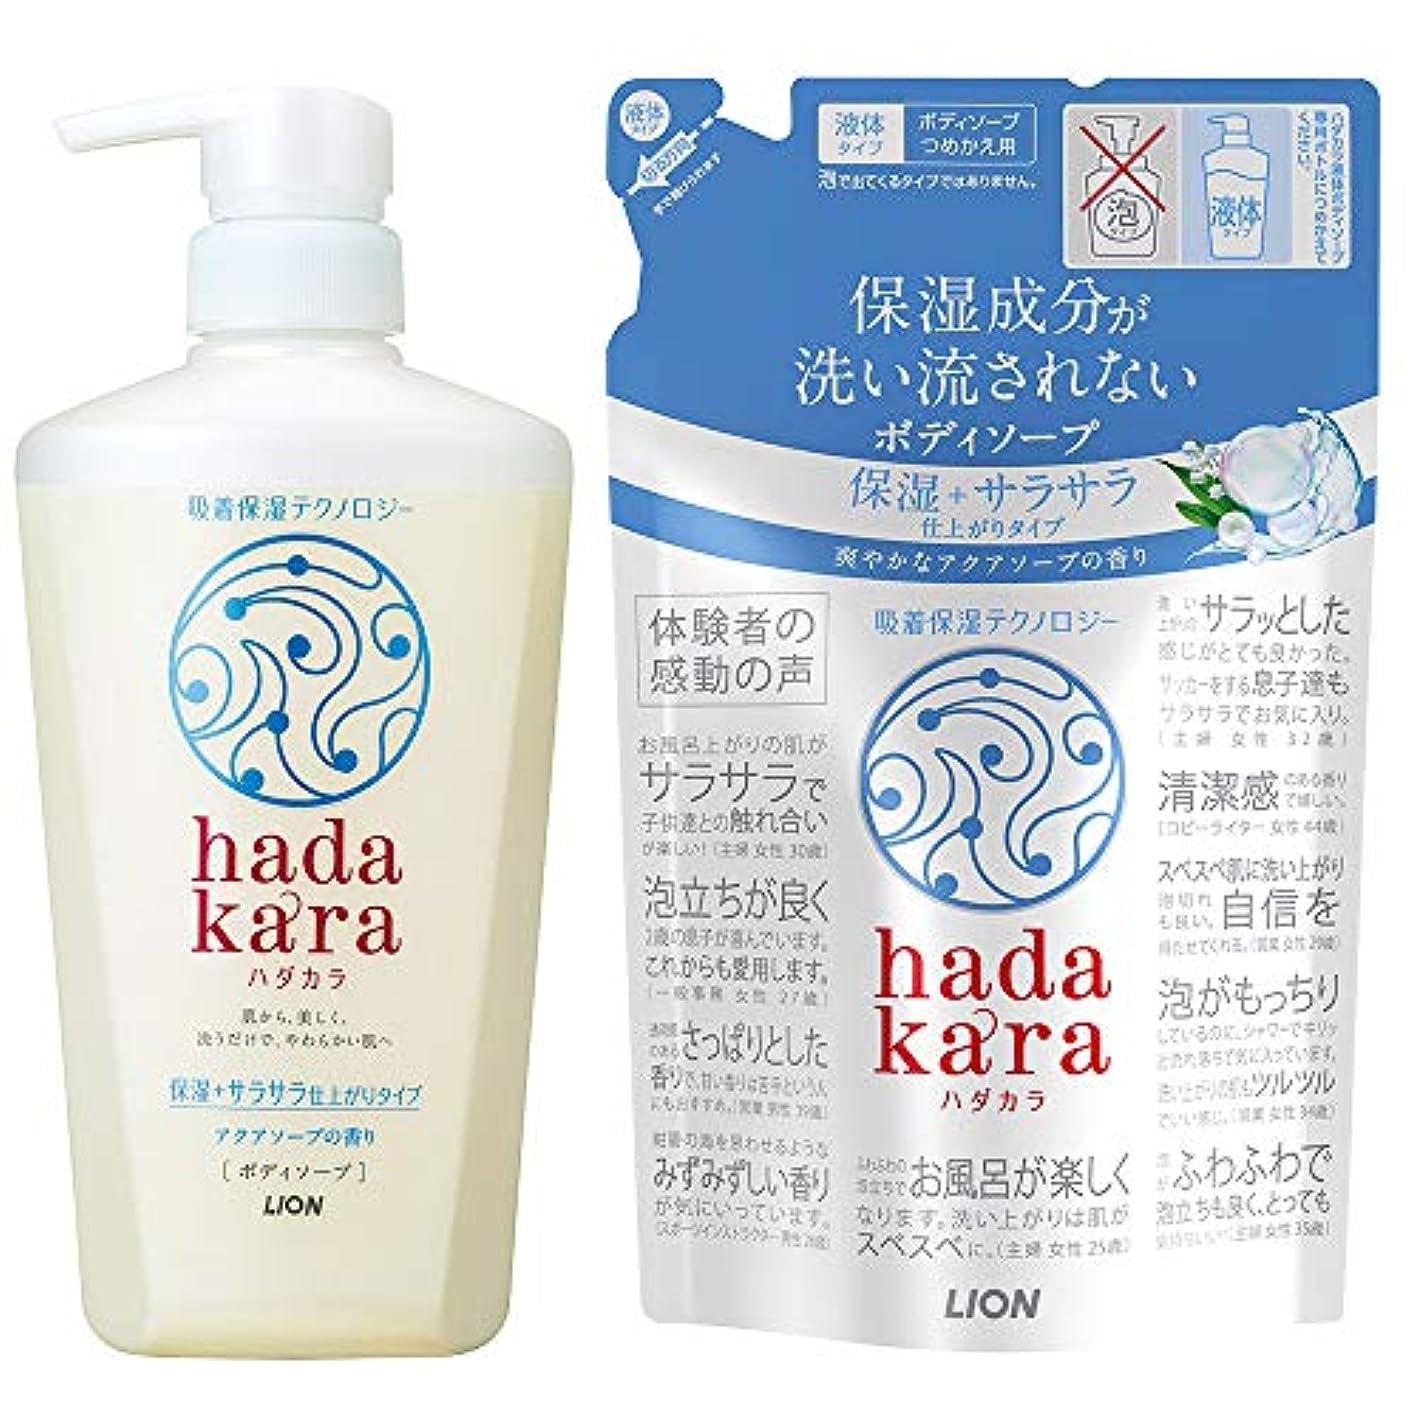 規範前置詞ポテトhadakara(ハダカラ) ボディソープ 保湿+サラサラ仕上がりタイプ アクアソープの香り (本体480ml+つめかえ340ml) アクアソープ(保湿+サラサラ仕上がり) +